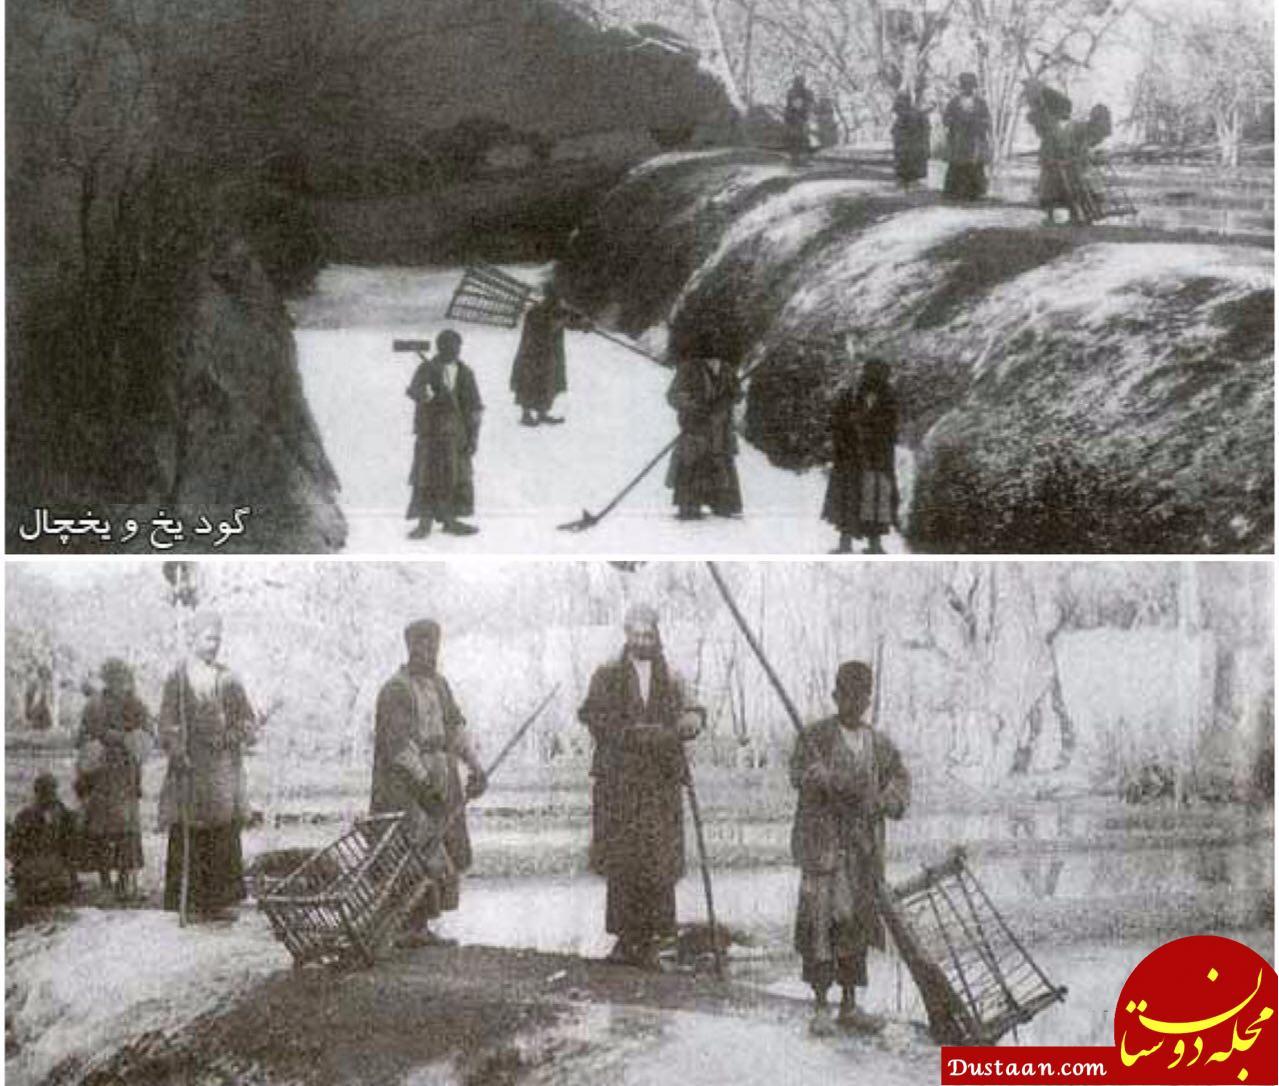 شیوه عجیب تهیه یخ در ایران قدیم! +عکس